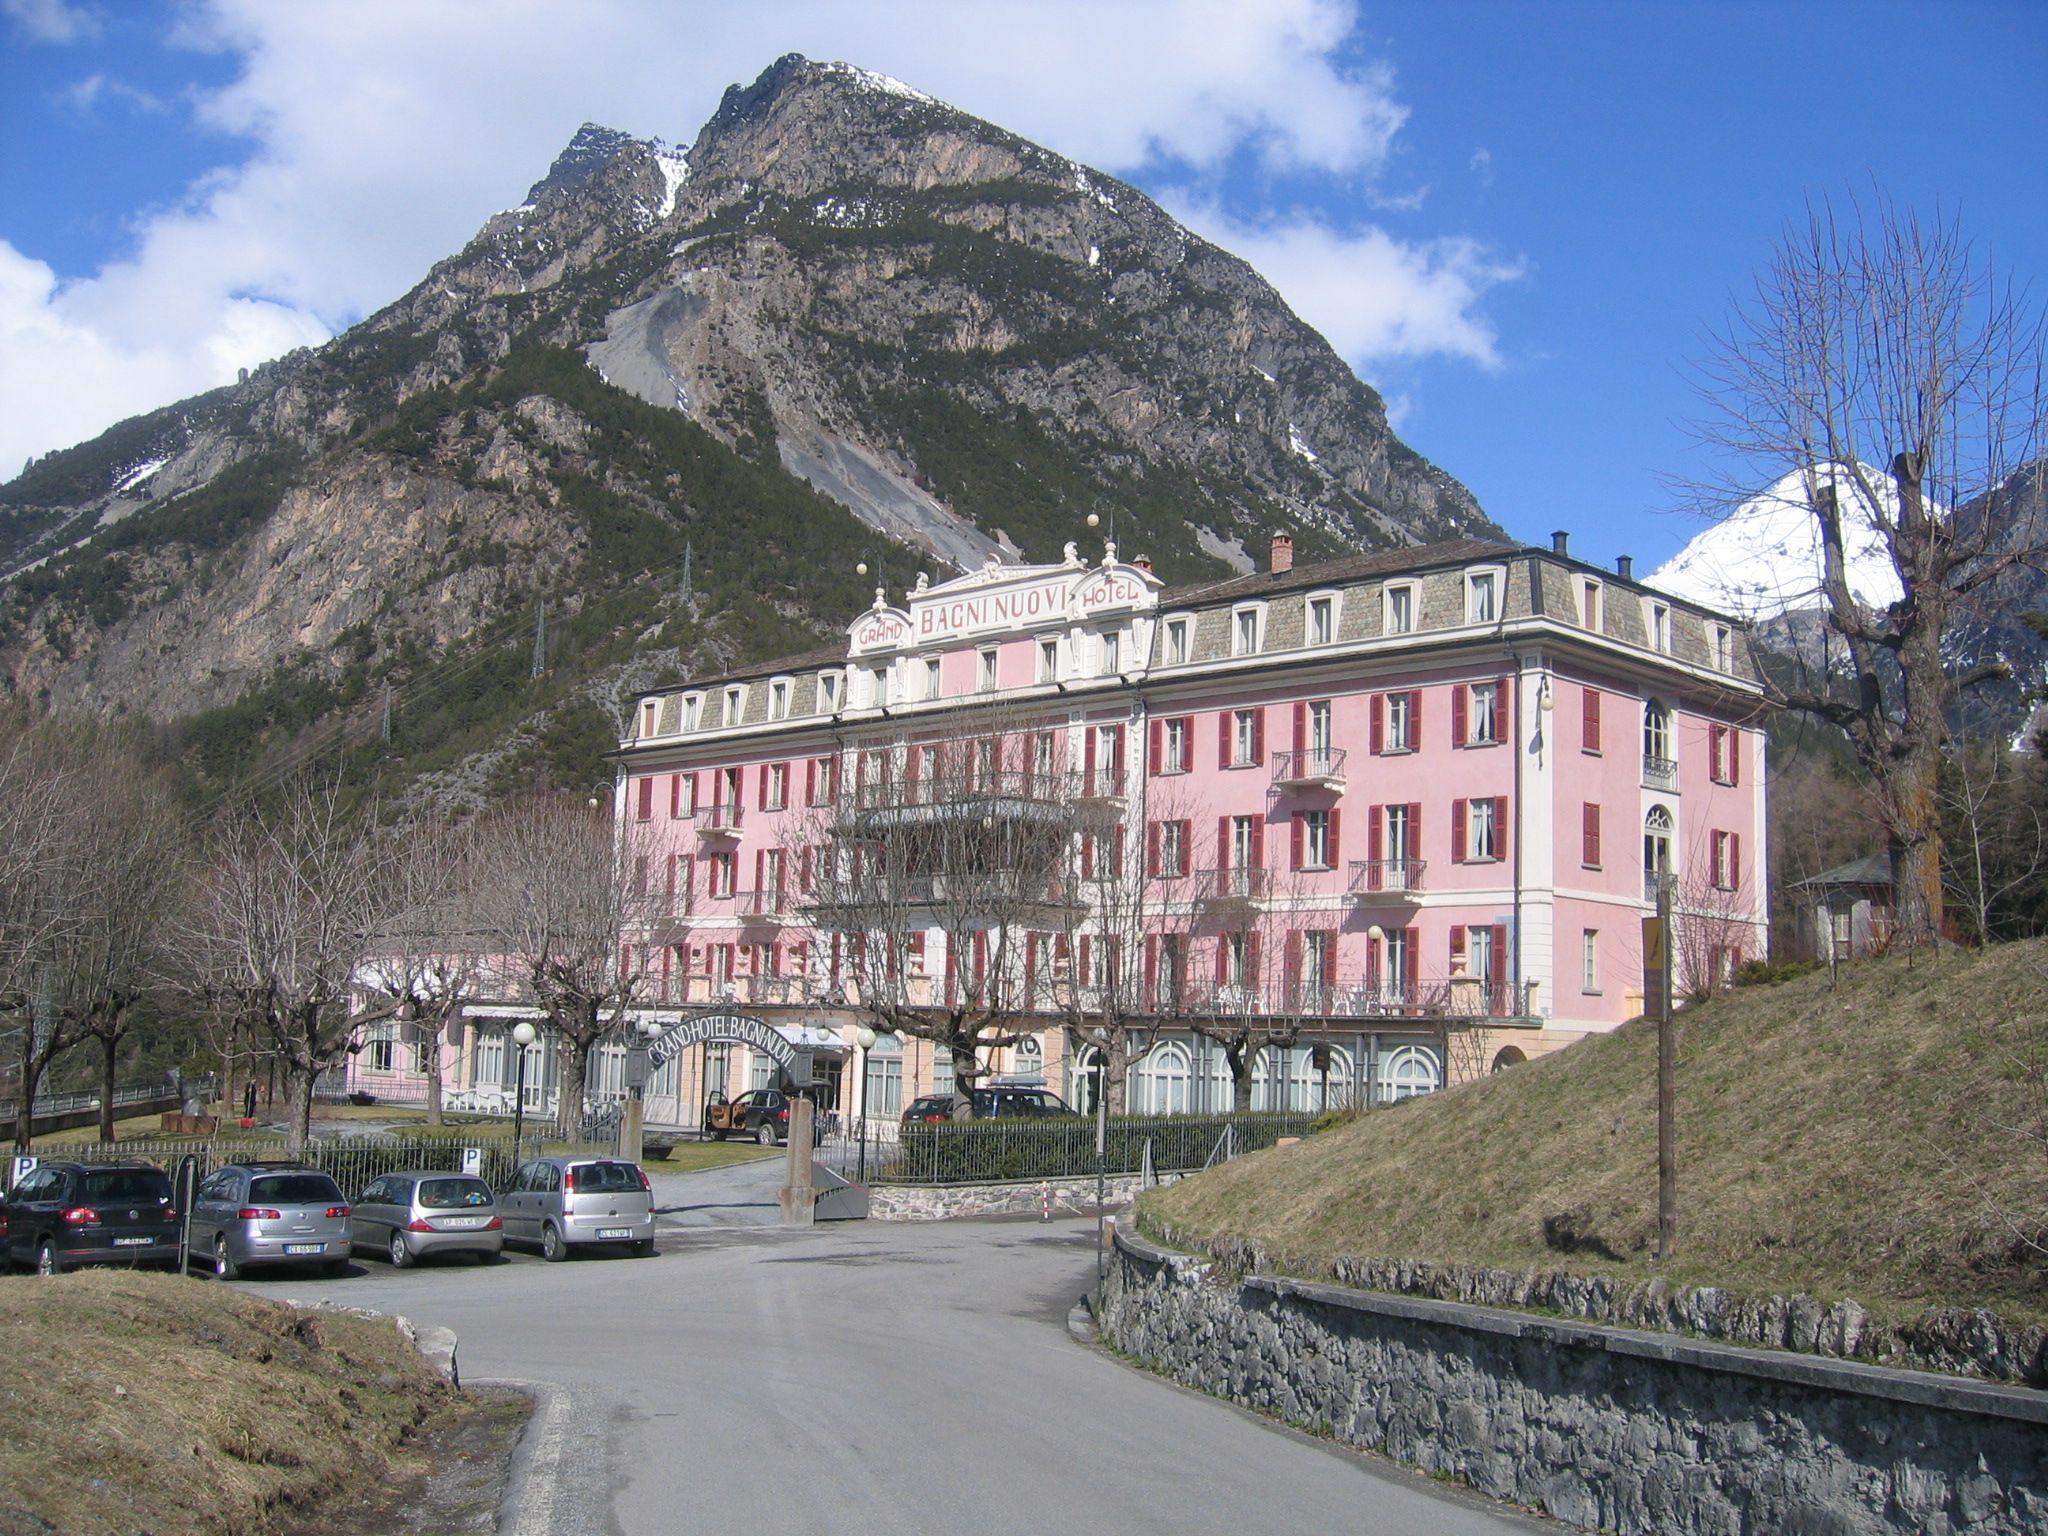 Grand Hotel Bagni Nuovi Di Bormio Hotel Tapparelle Esterno